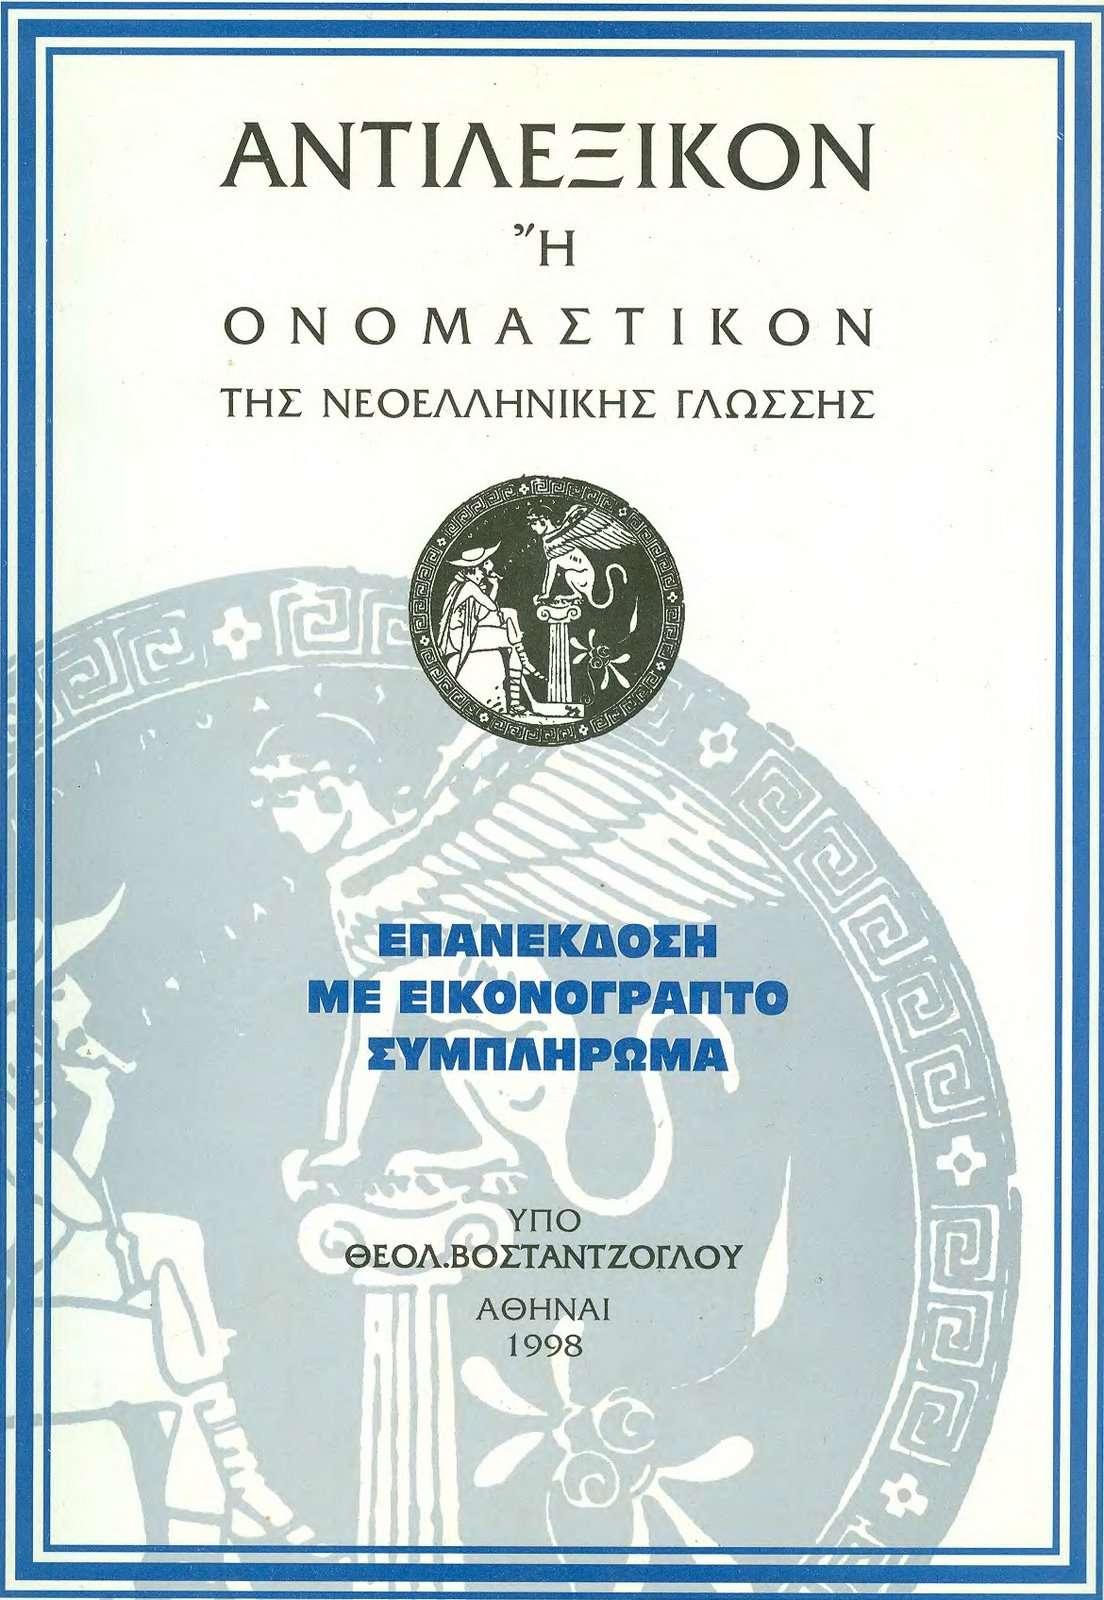 Βοσταντζόγλου. Αντιλεξικόν ή Ονομαστικόν της Nεοελληνικής Γλώσσης